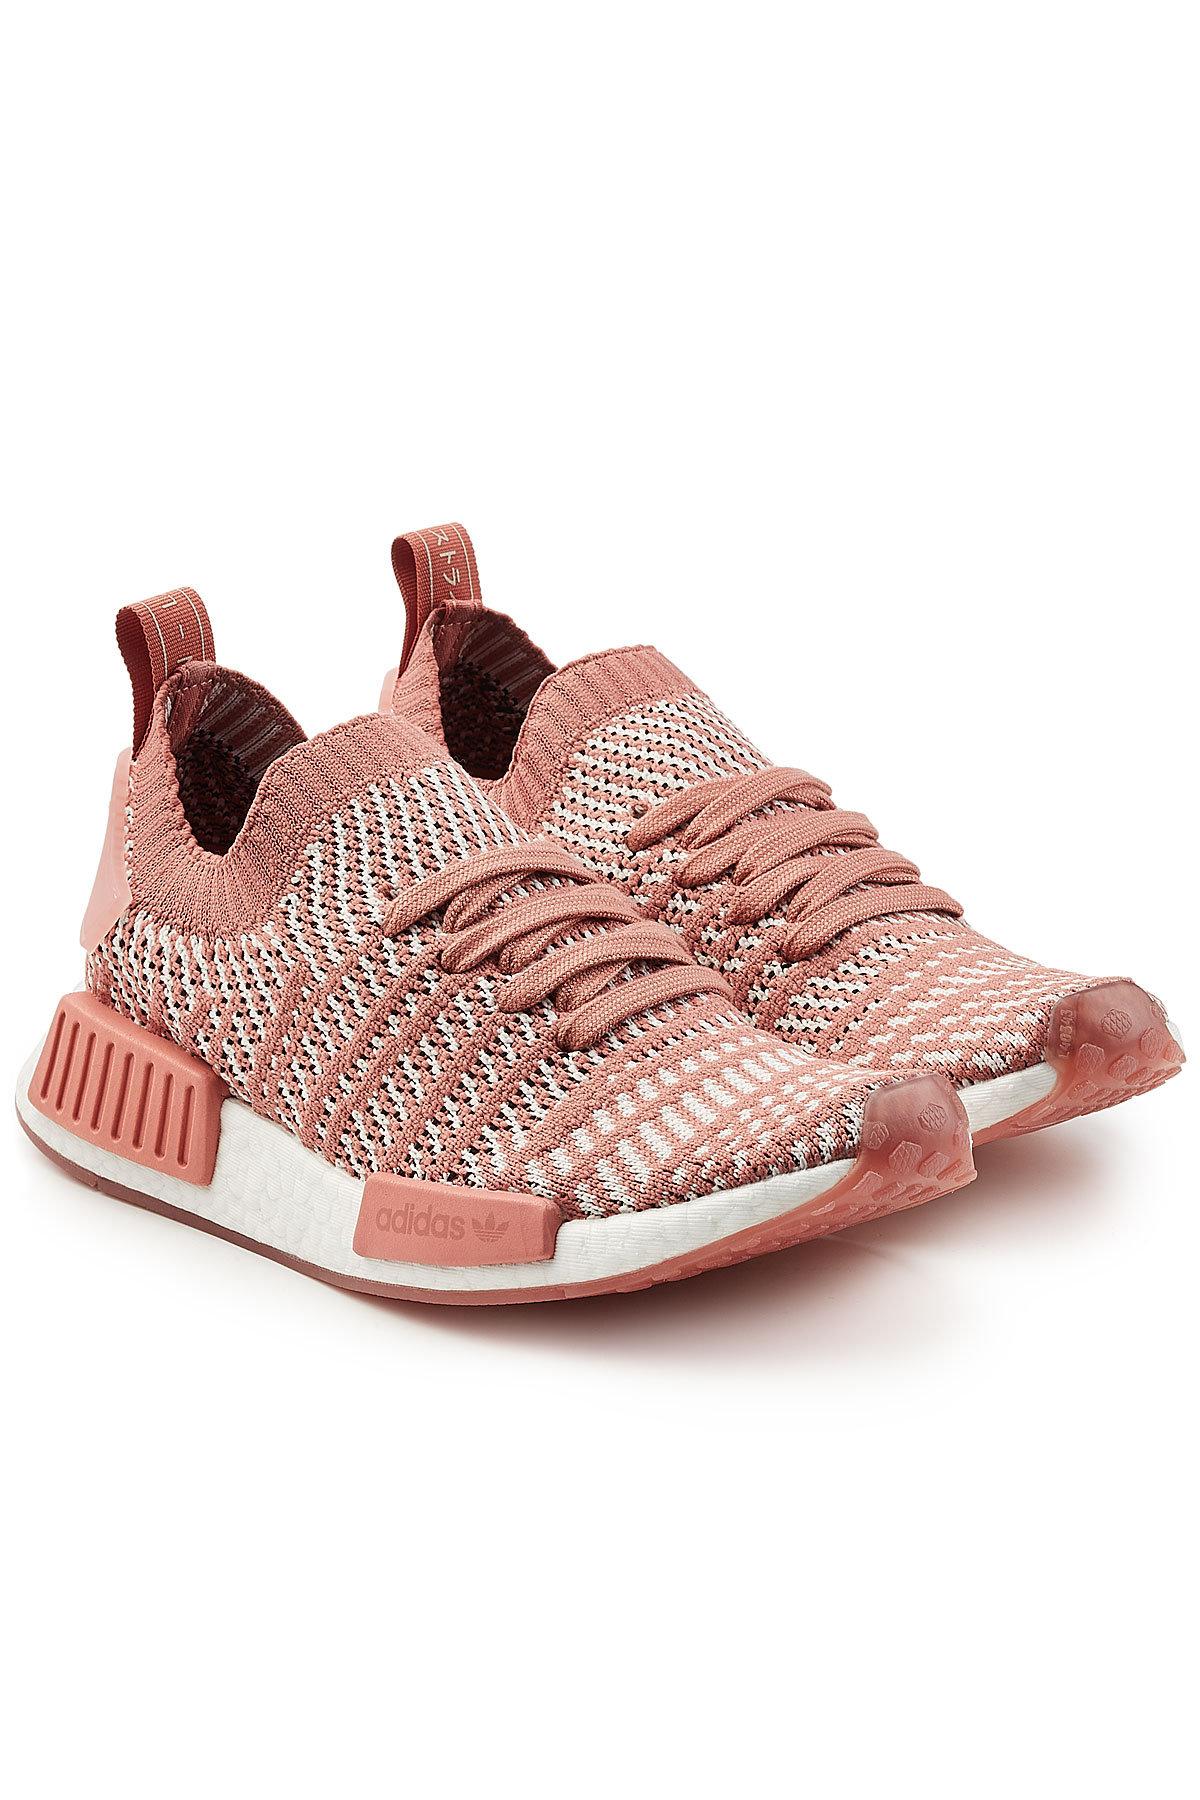 adidas NMD RQ STLT Primeknit Sneakers Gr. UK 6.5 ZINS3uLQ